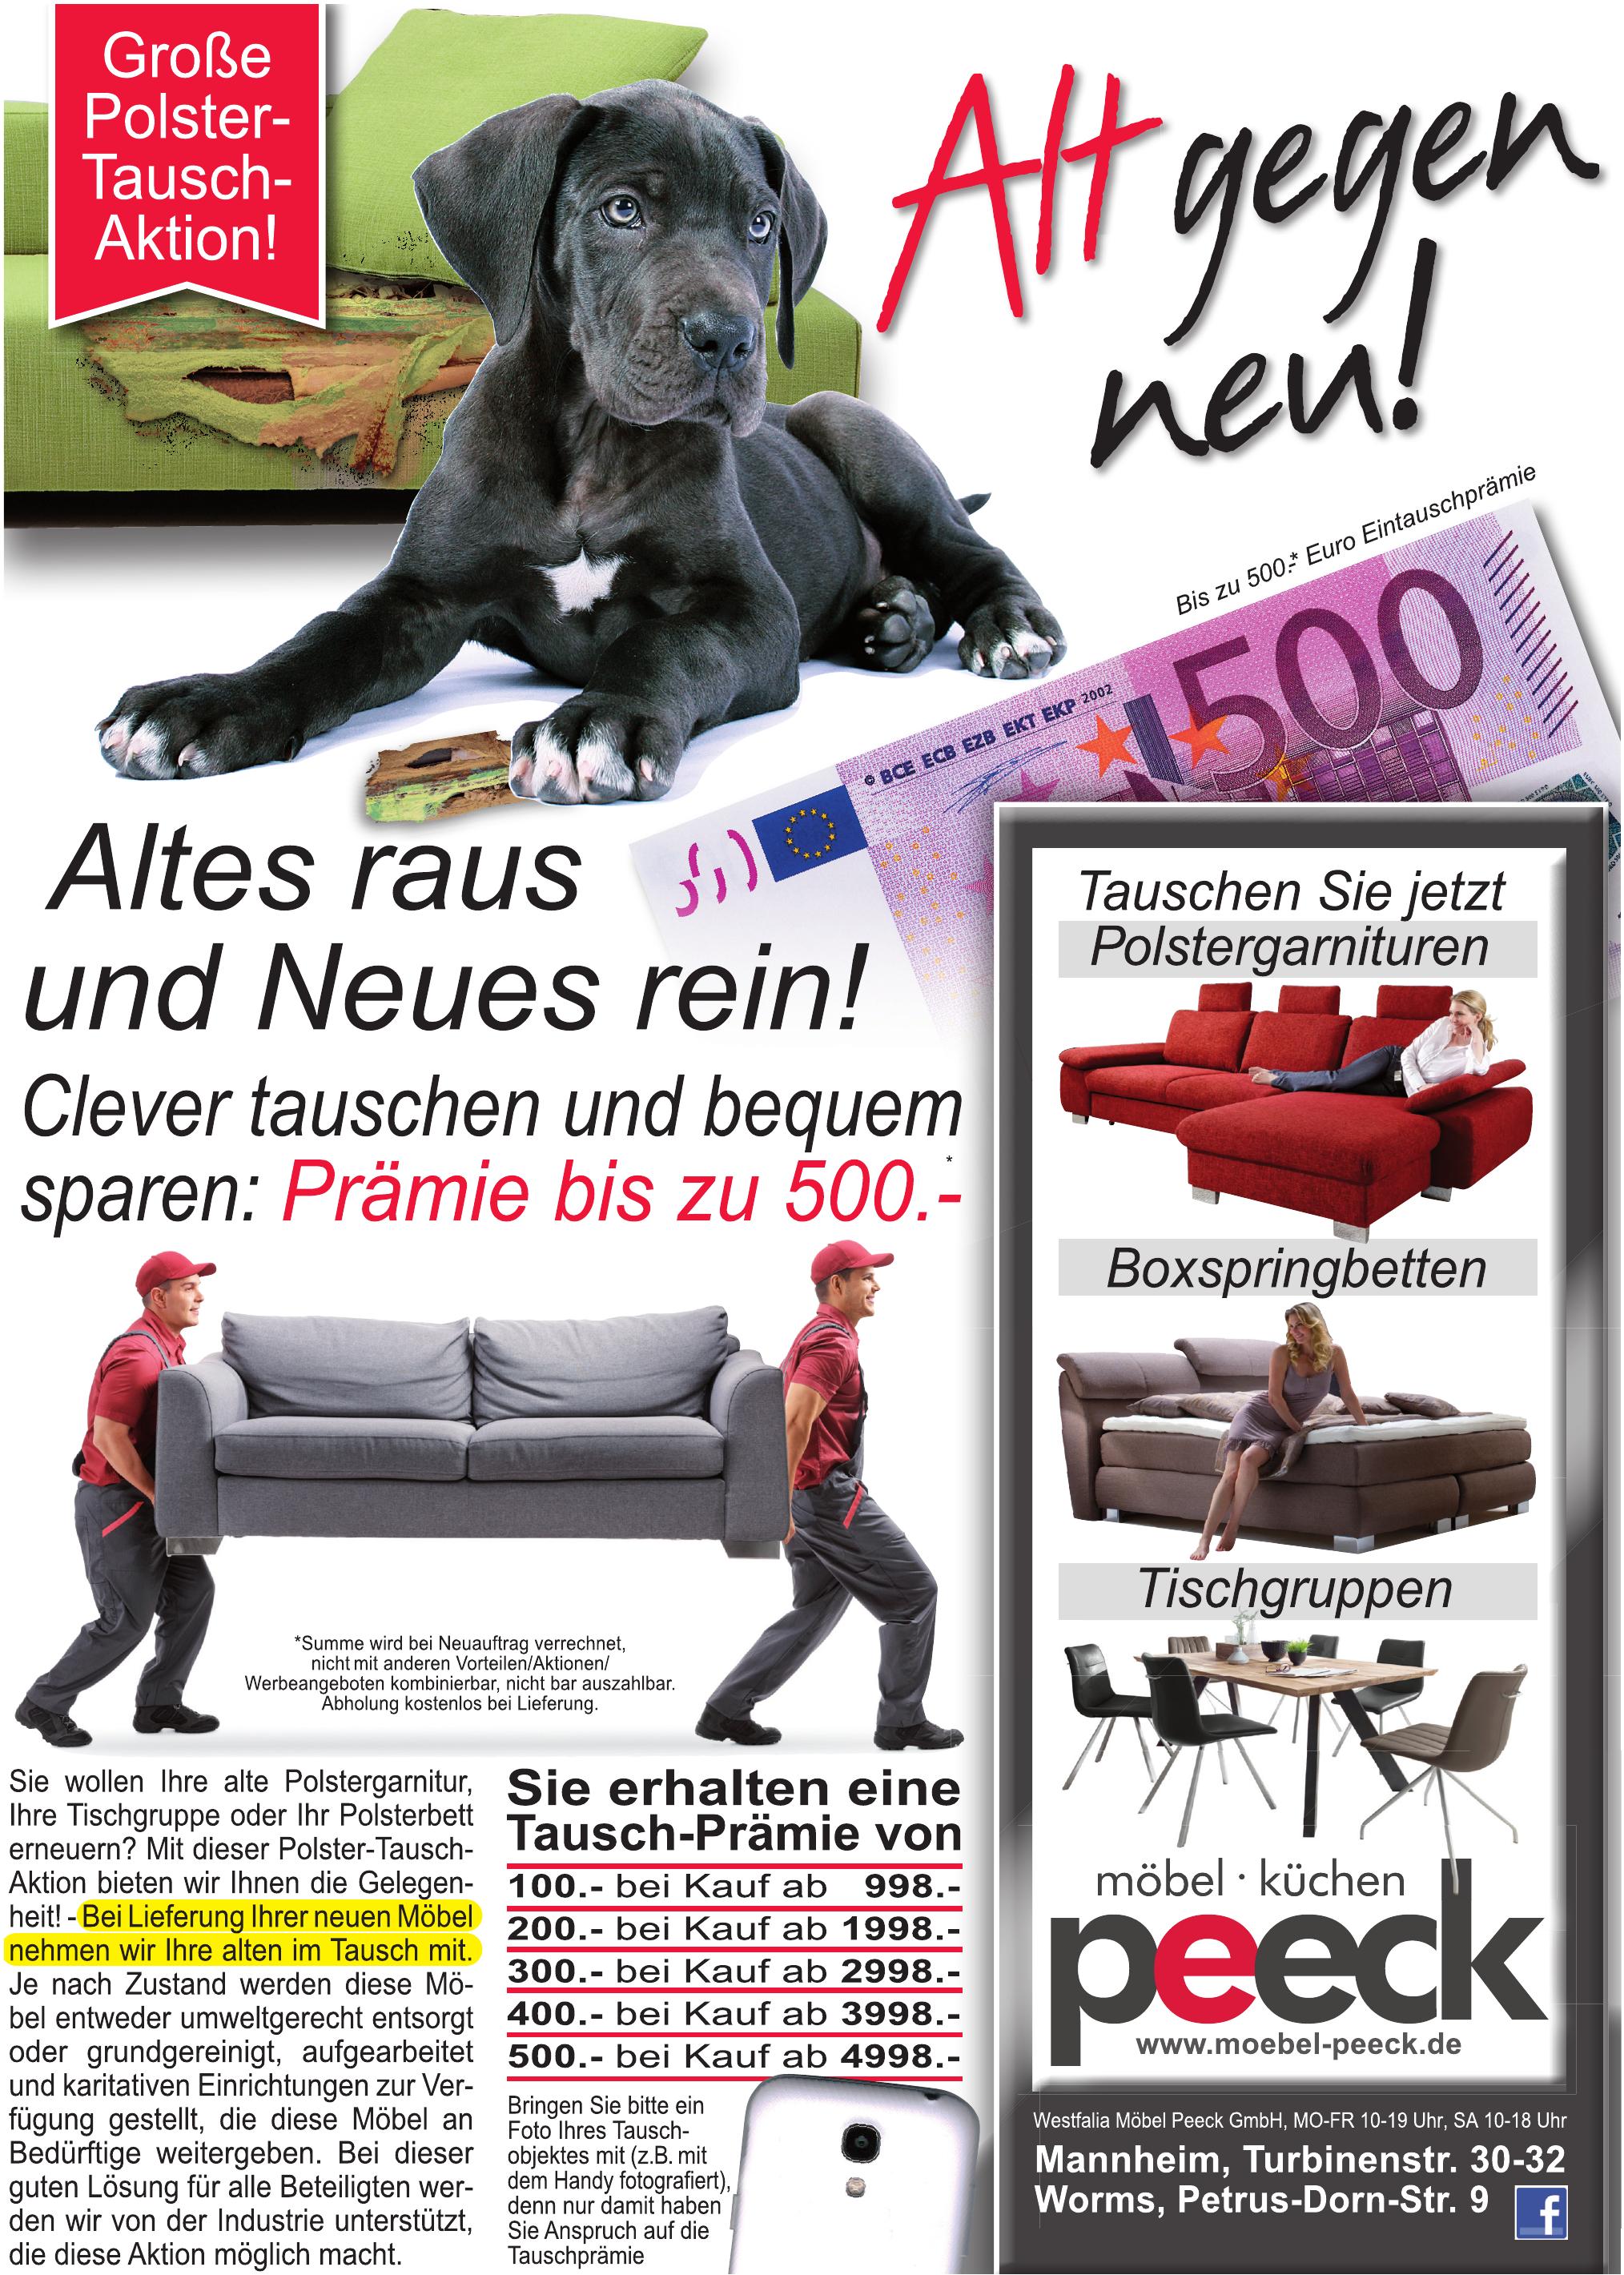 Westfalia Möbel-Peeck GmbH